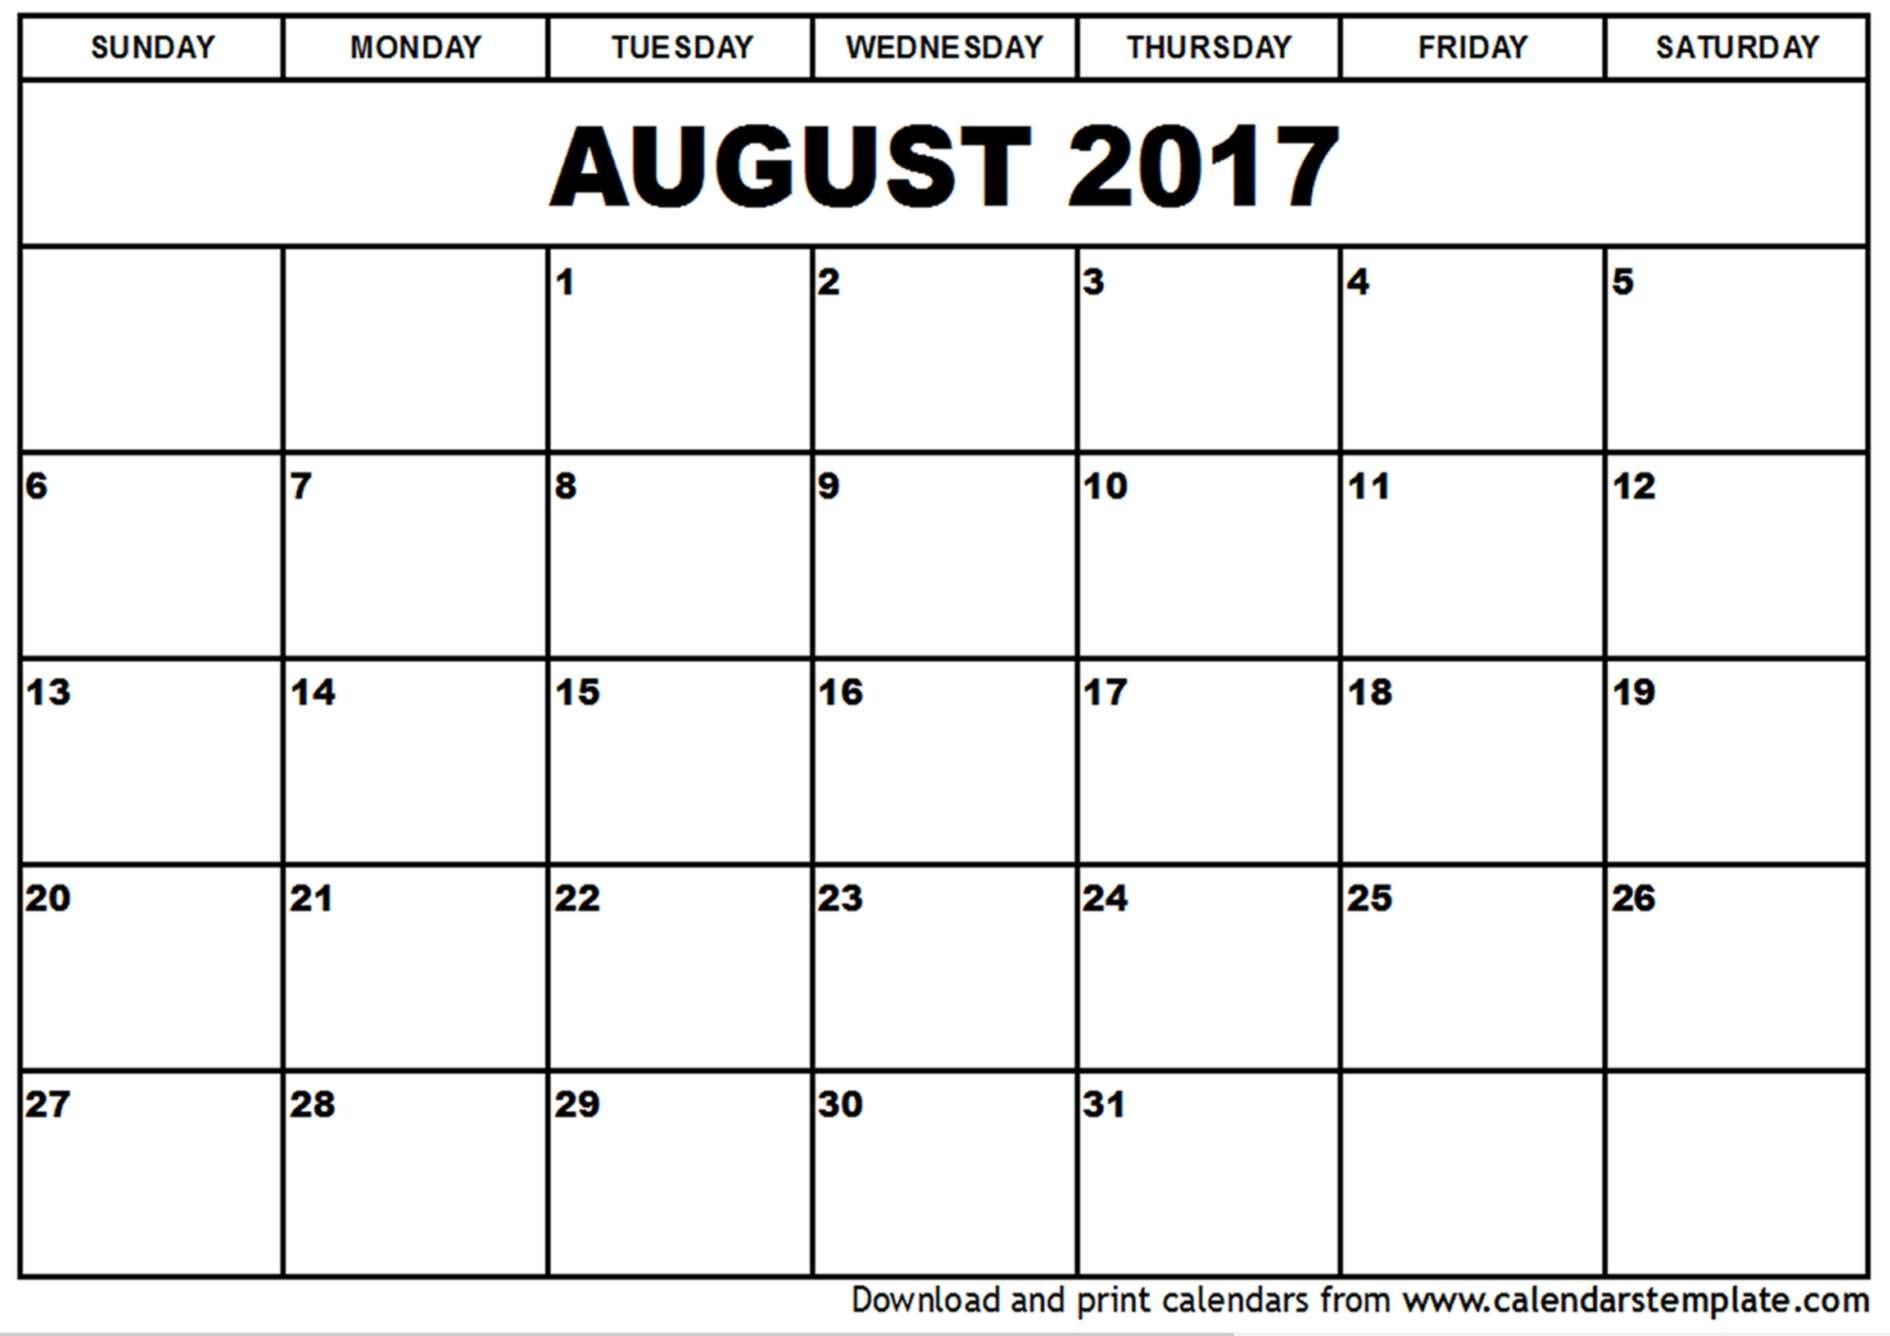 August 2017 Calendar Template